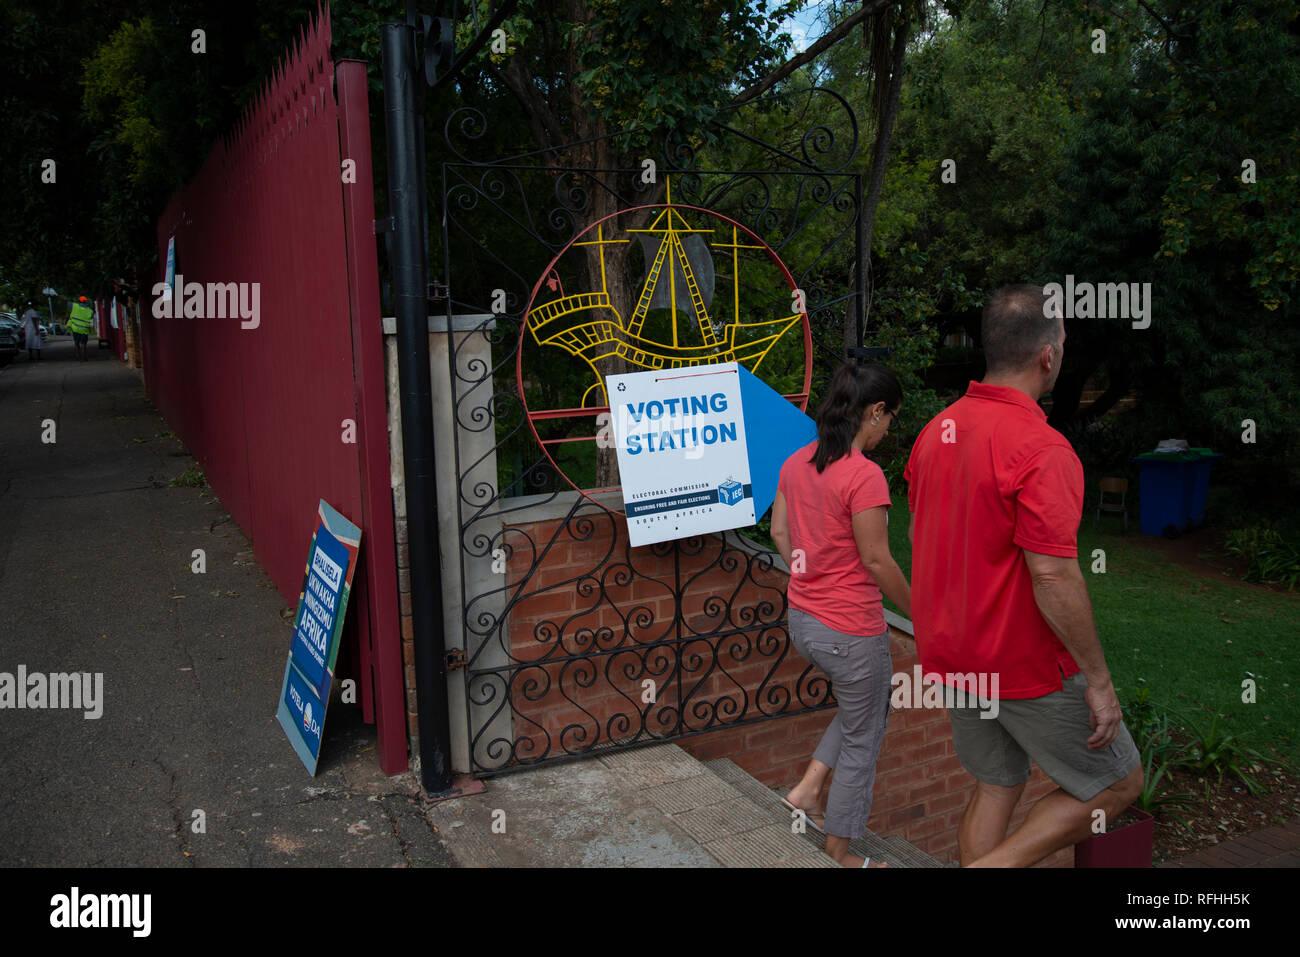 Johannesburg, Afrique du Sud. 26 janvier, 2019. Les gens arrivent à une catégorie de vote site dans Linden, Johannesburg, samedi après-midi. C'est la dernière semaine pour s'inscrire pour voter en 2019 l'Afrique du Sud aux élections générales. Credit: Eva-Lotta Jansson/Alamy Live News Banque D'Images